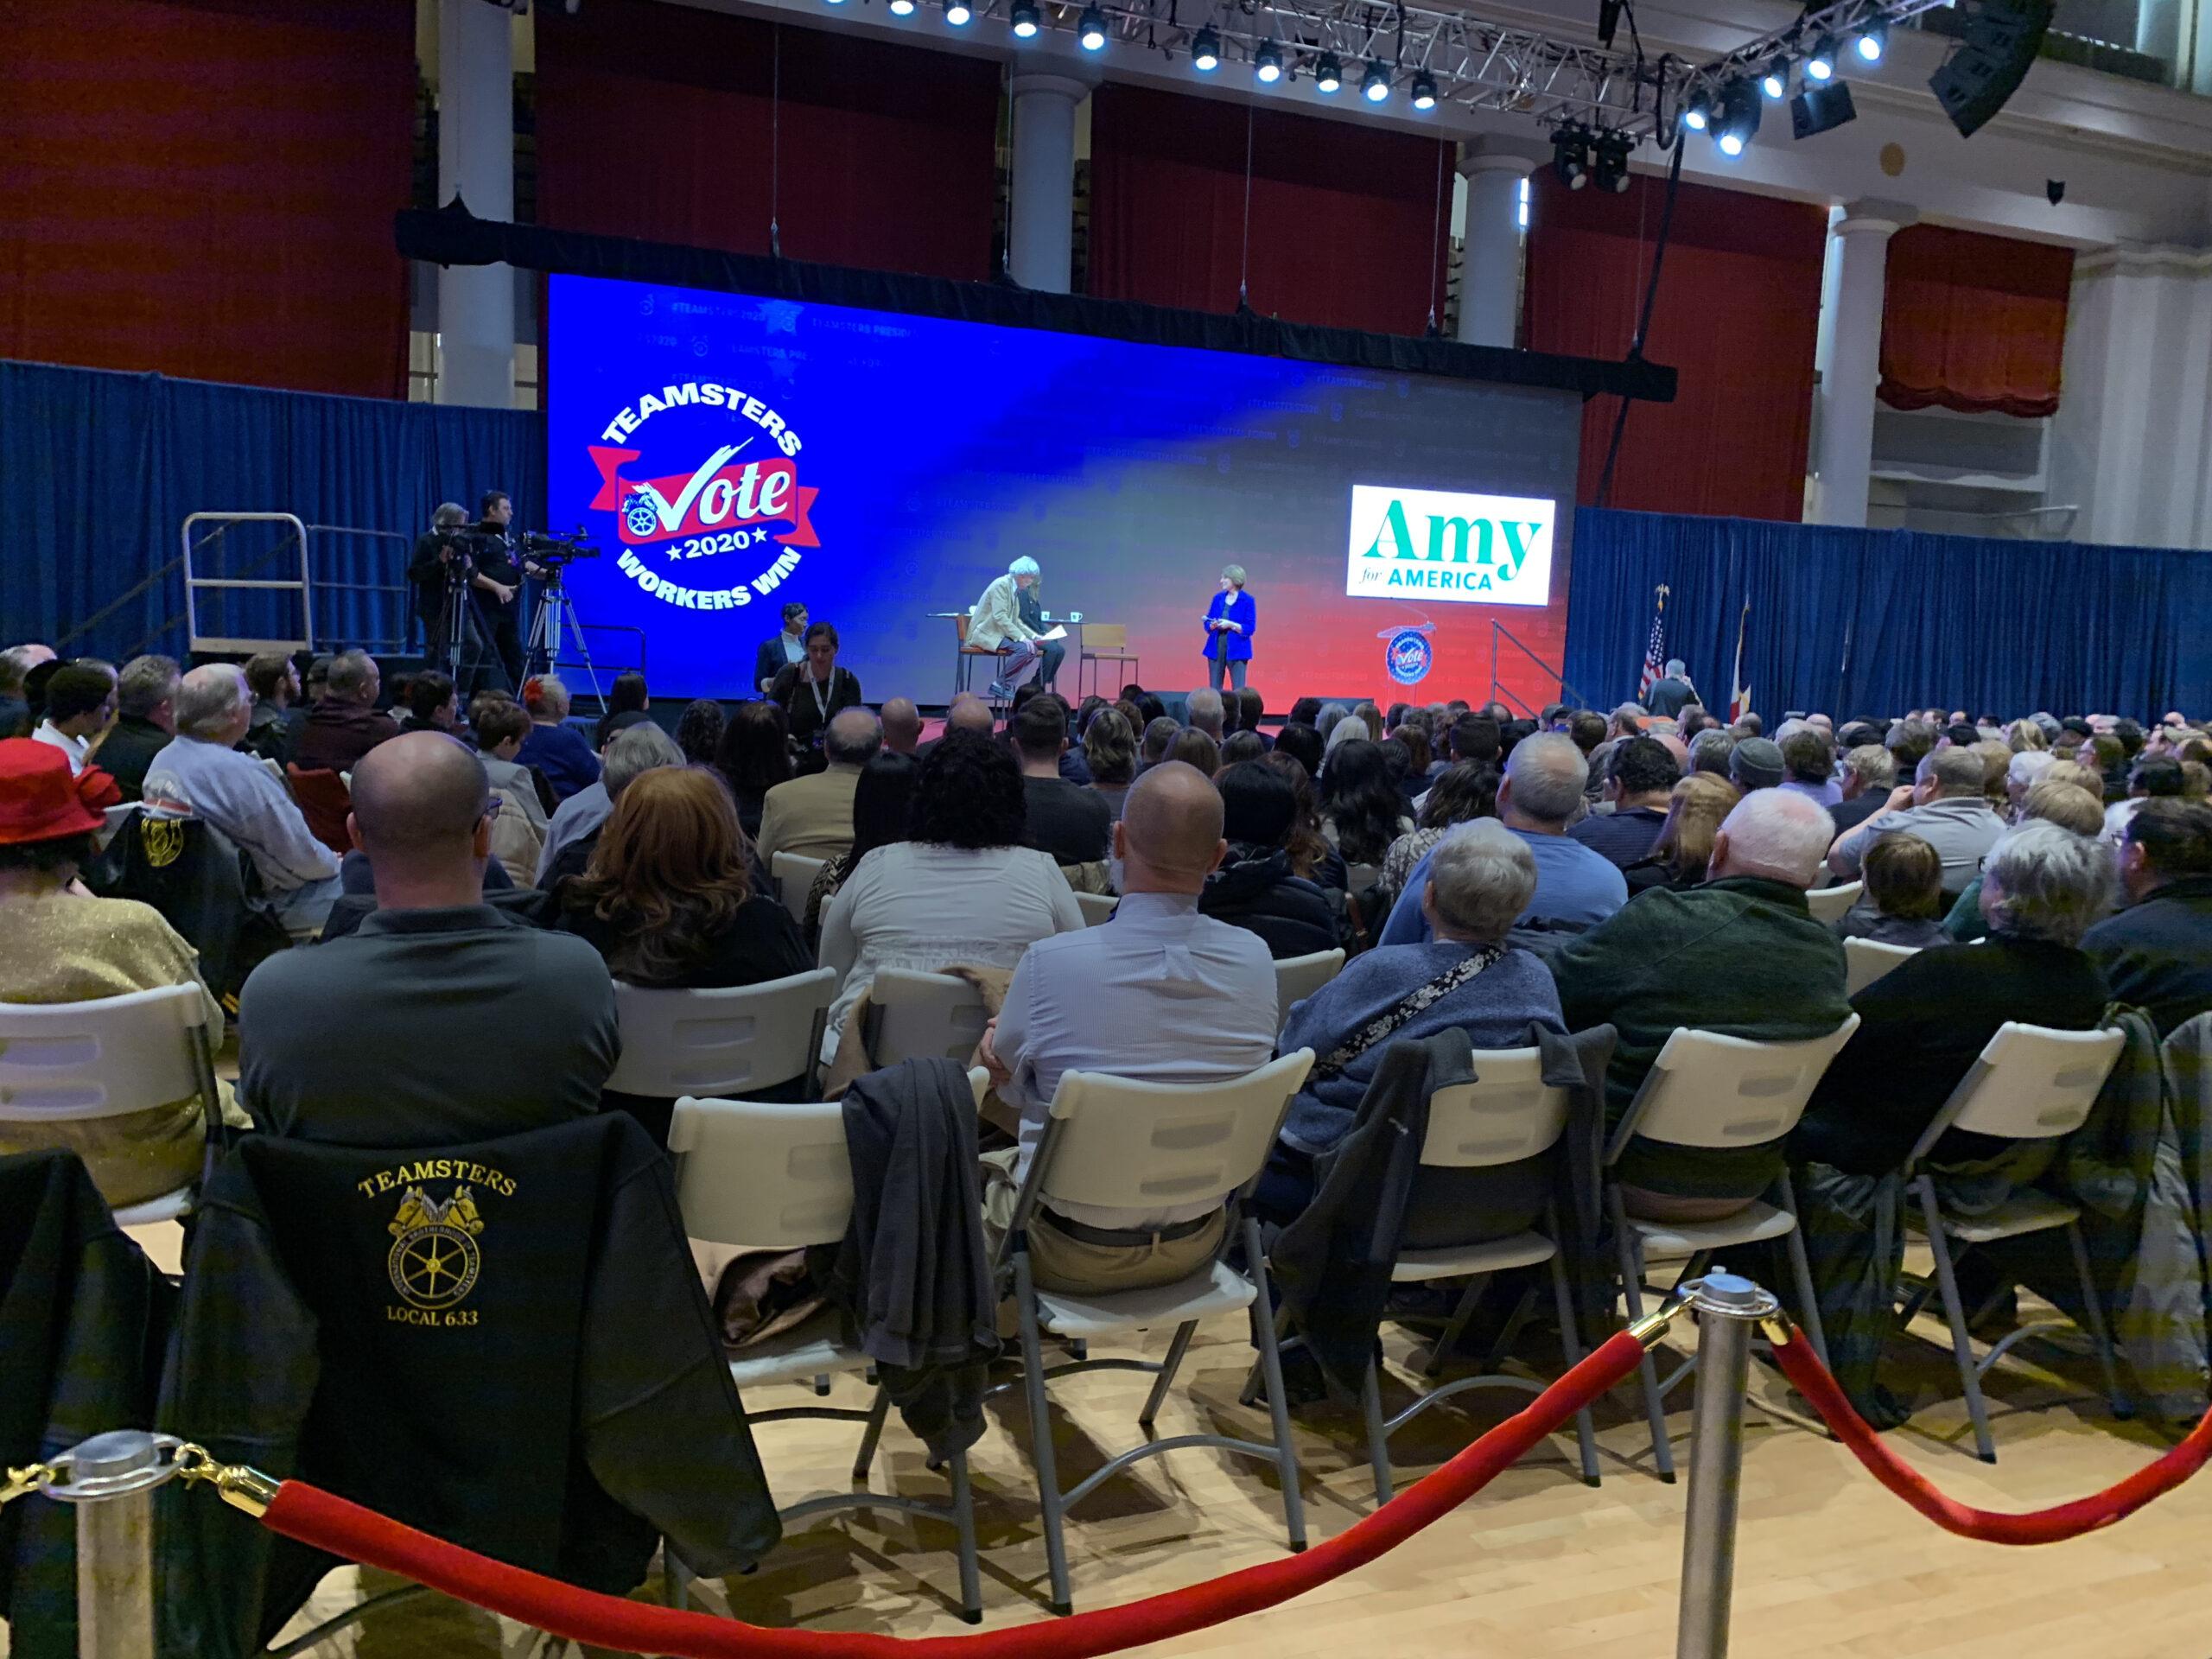 Amy Klobuchar at Teamsters Presidential Forum in December 7, 2019